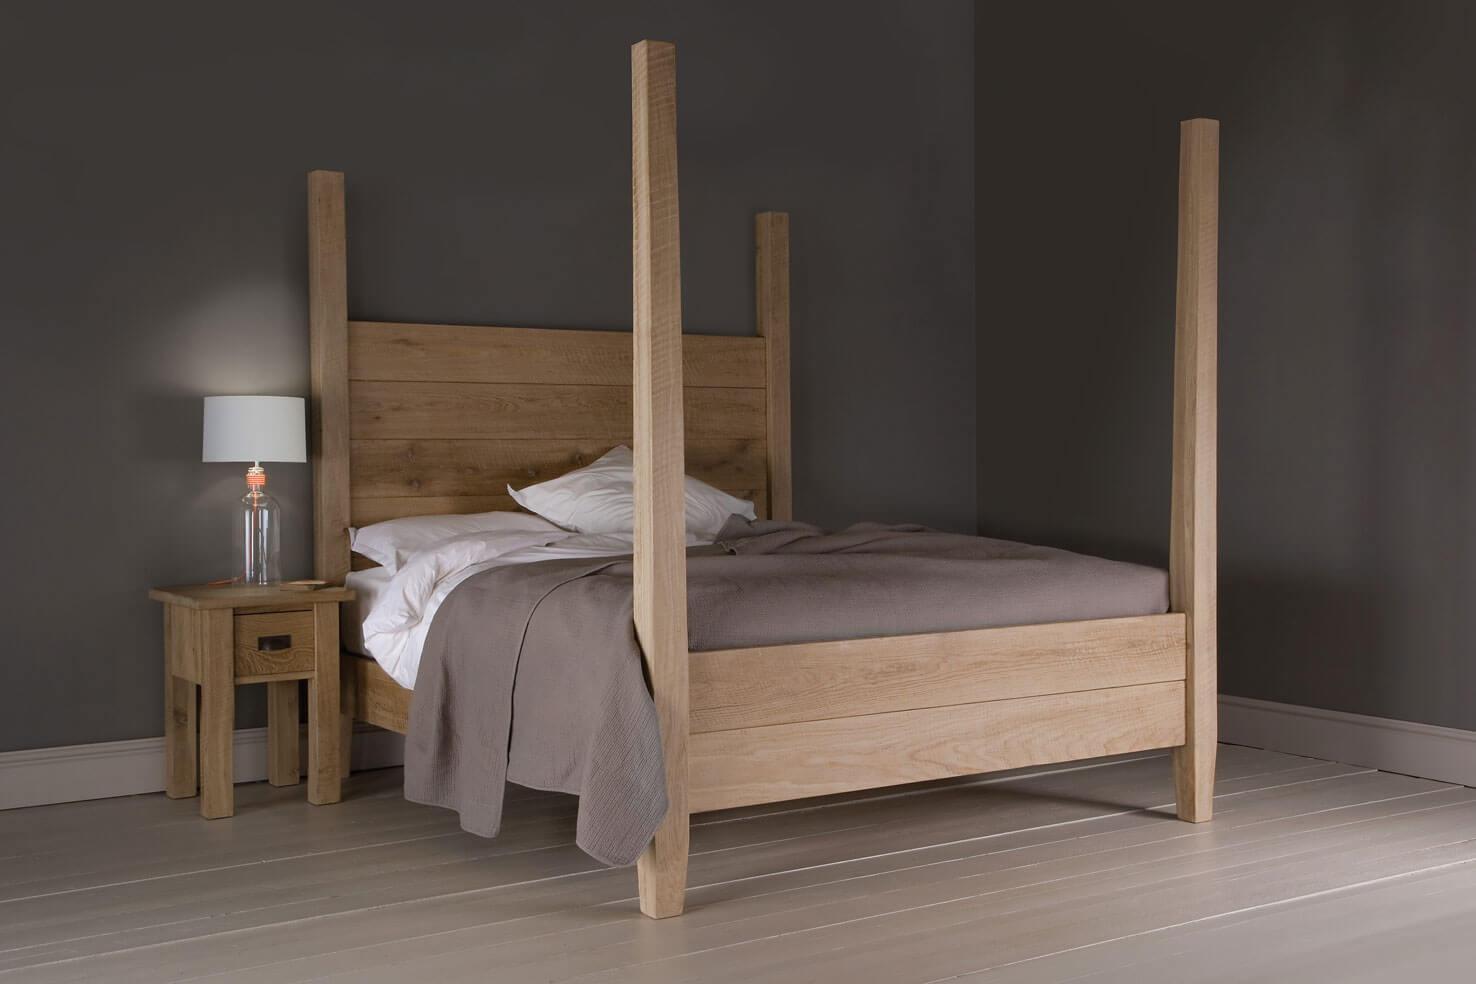 poets-oak-bed-1_1.jpg